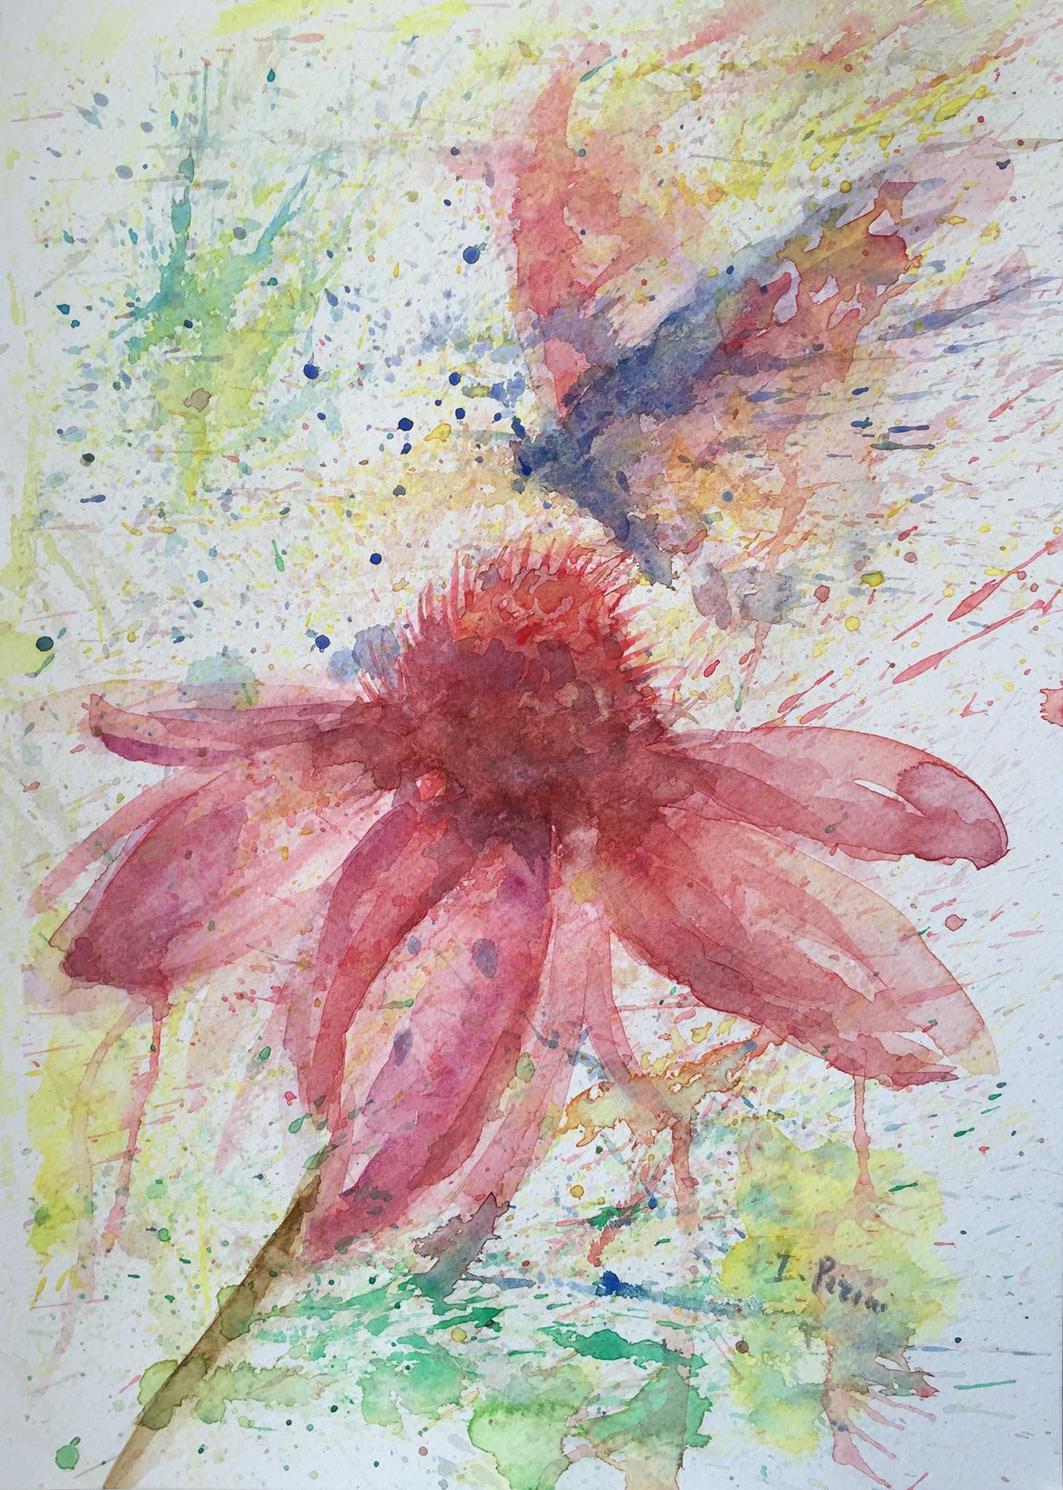 fiore-4-ilaria-perini-pittu.jpg